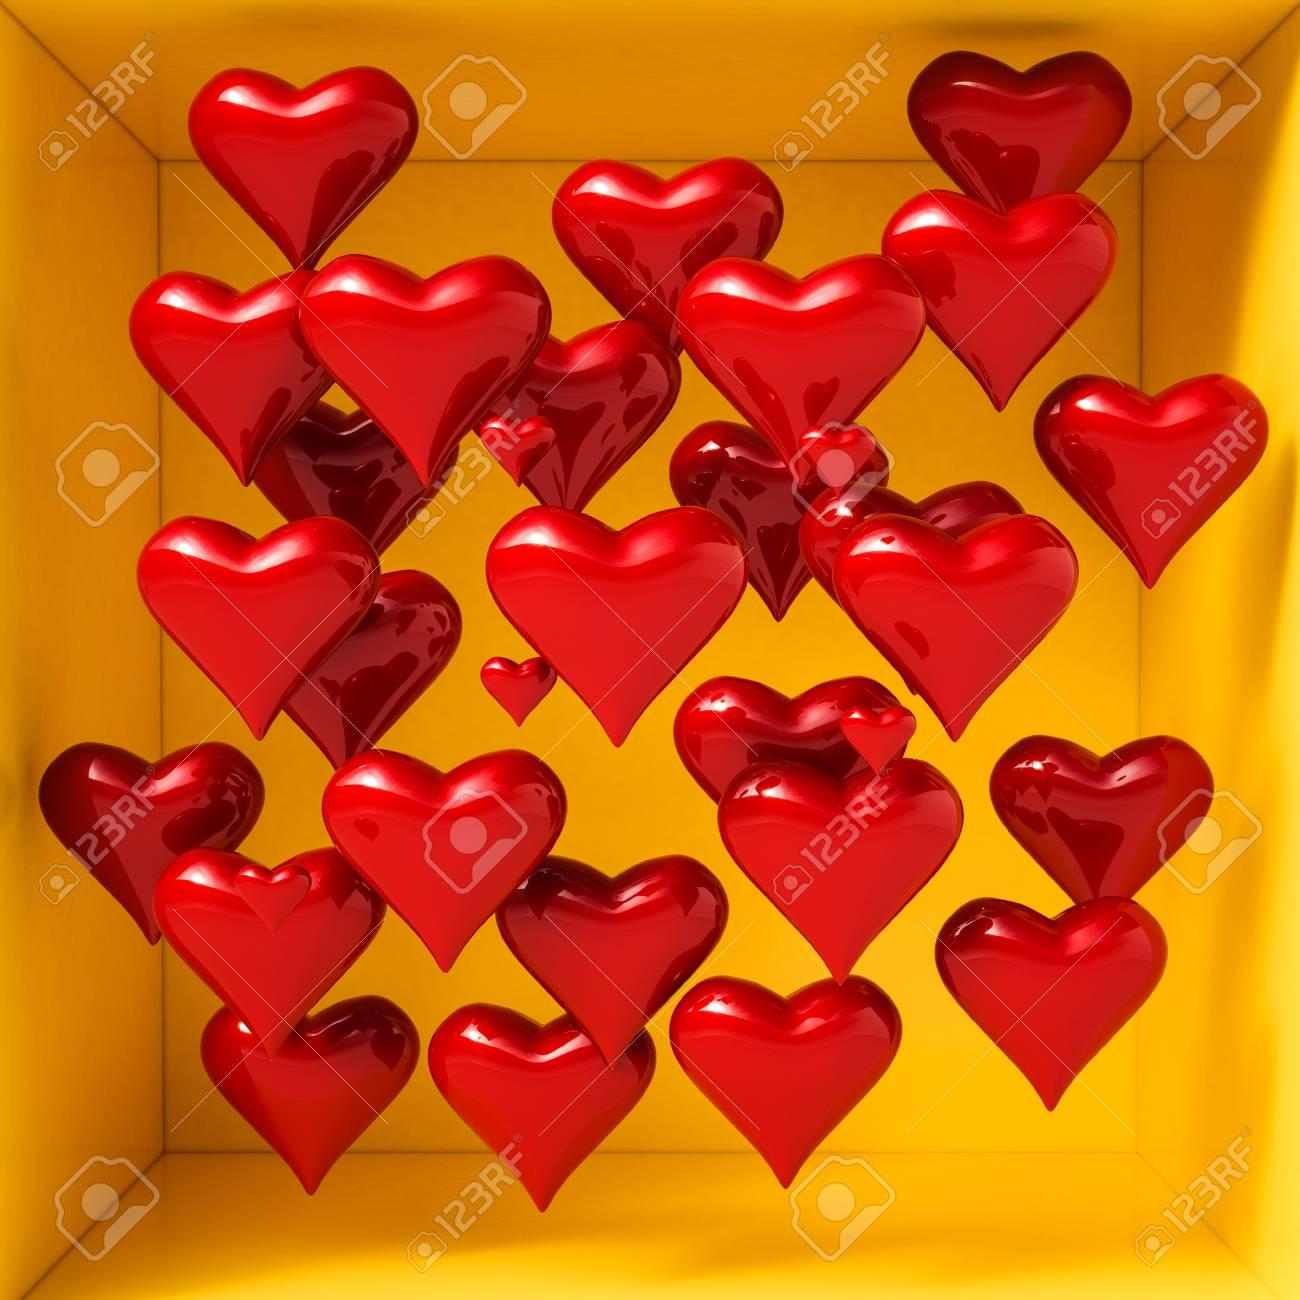 Formas De Corazones 3d Para Fondo De Día De San Valentín Y Elementos